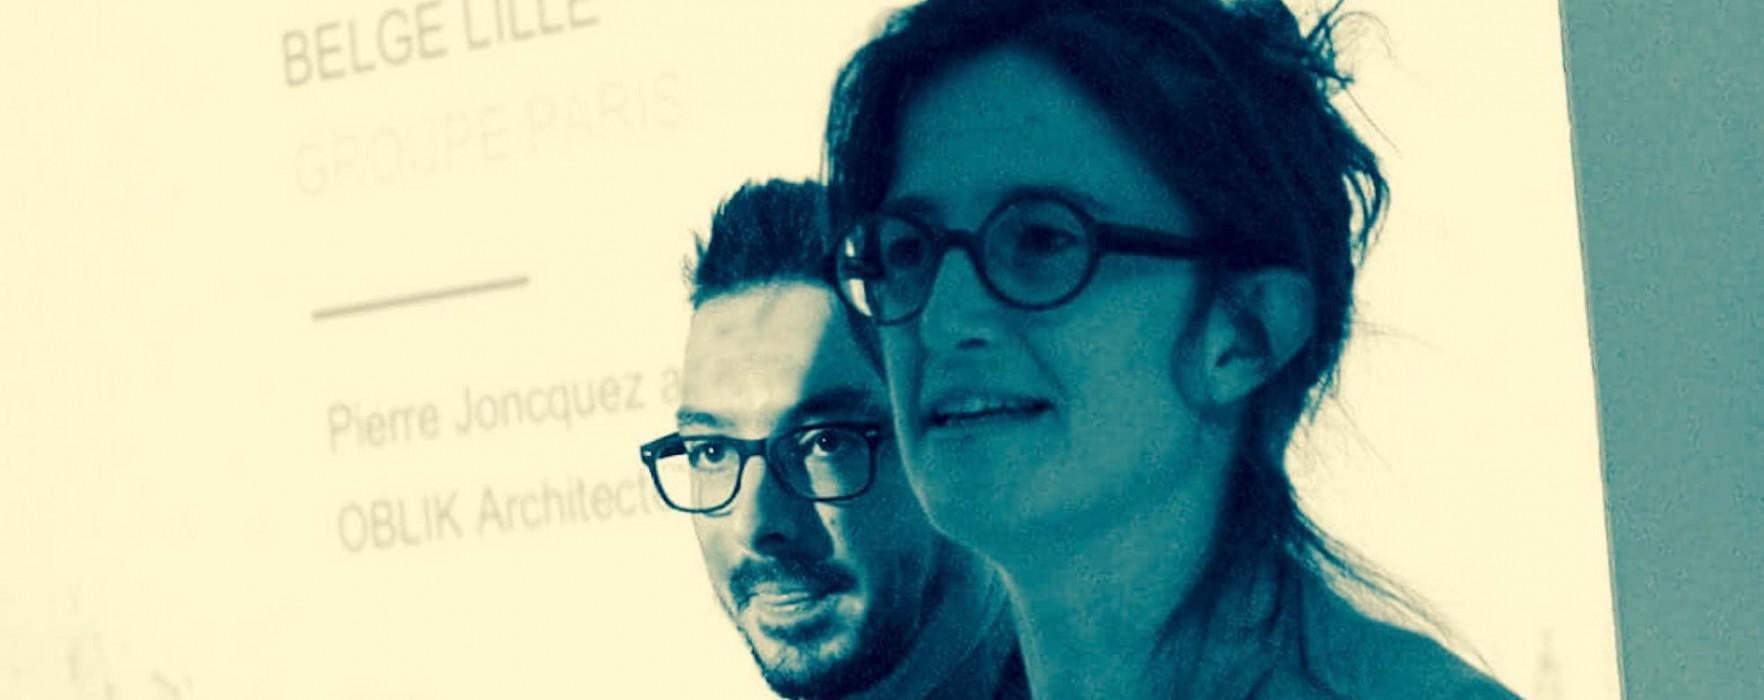 Oblik lauréat du concours d'architectes pour l'aménagement de l'avenue du Peuple Belge